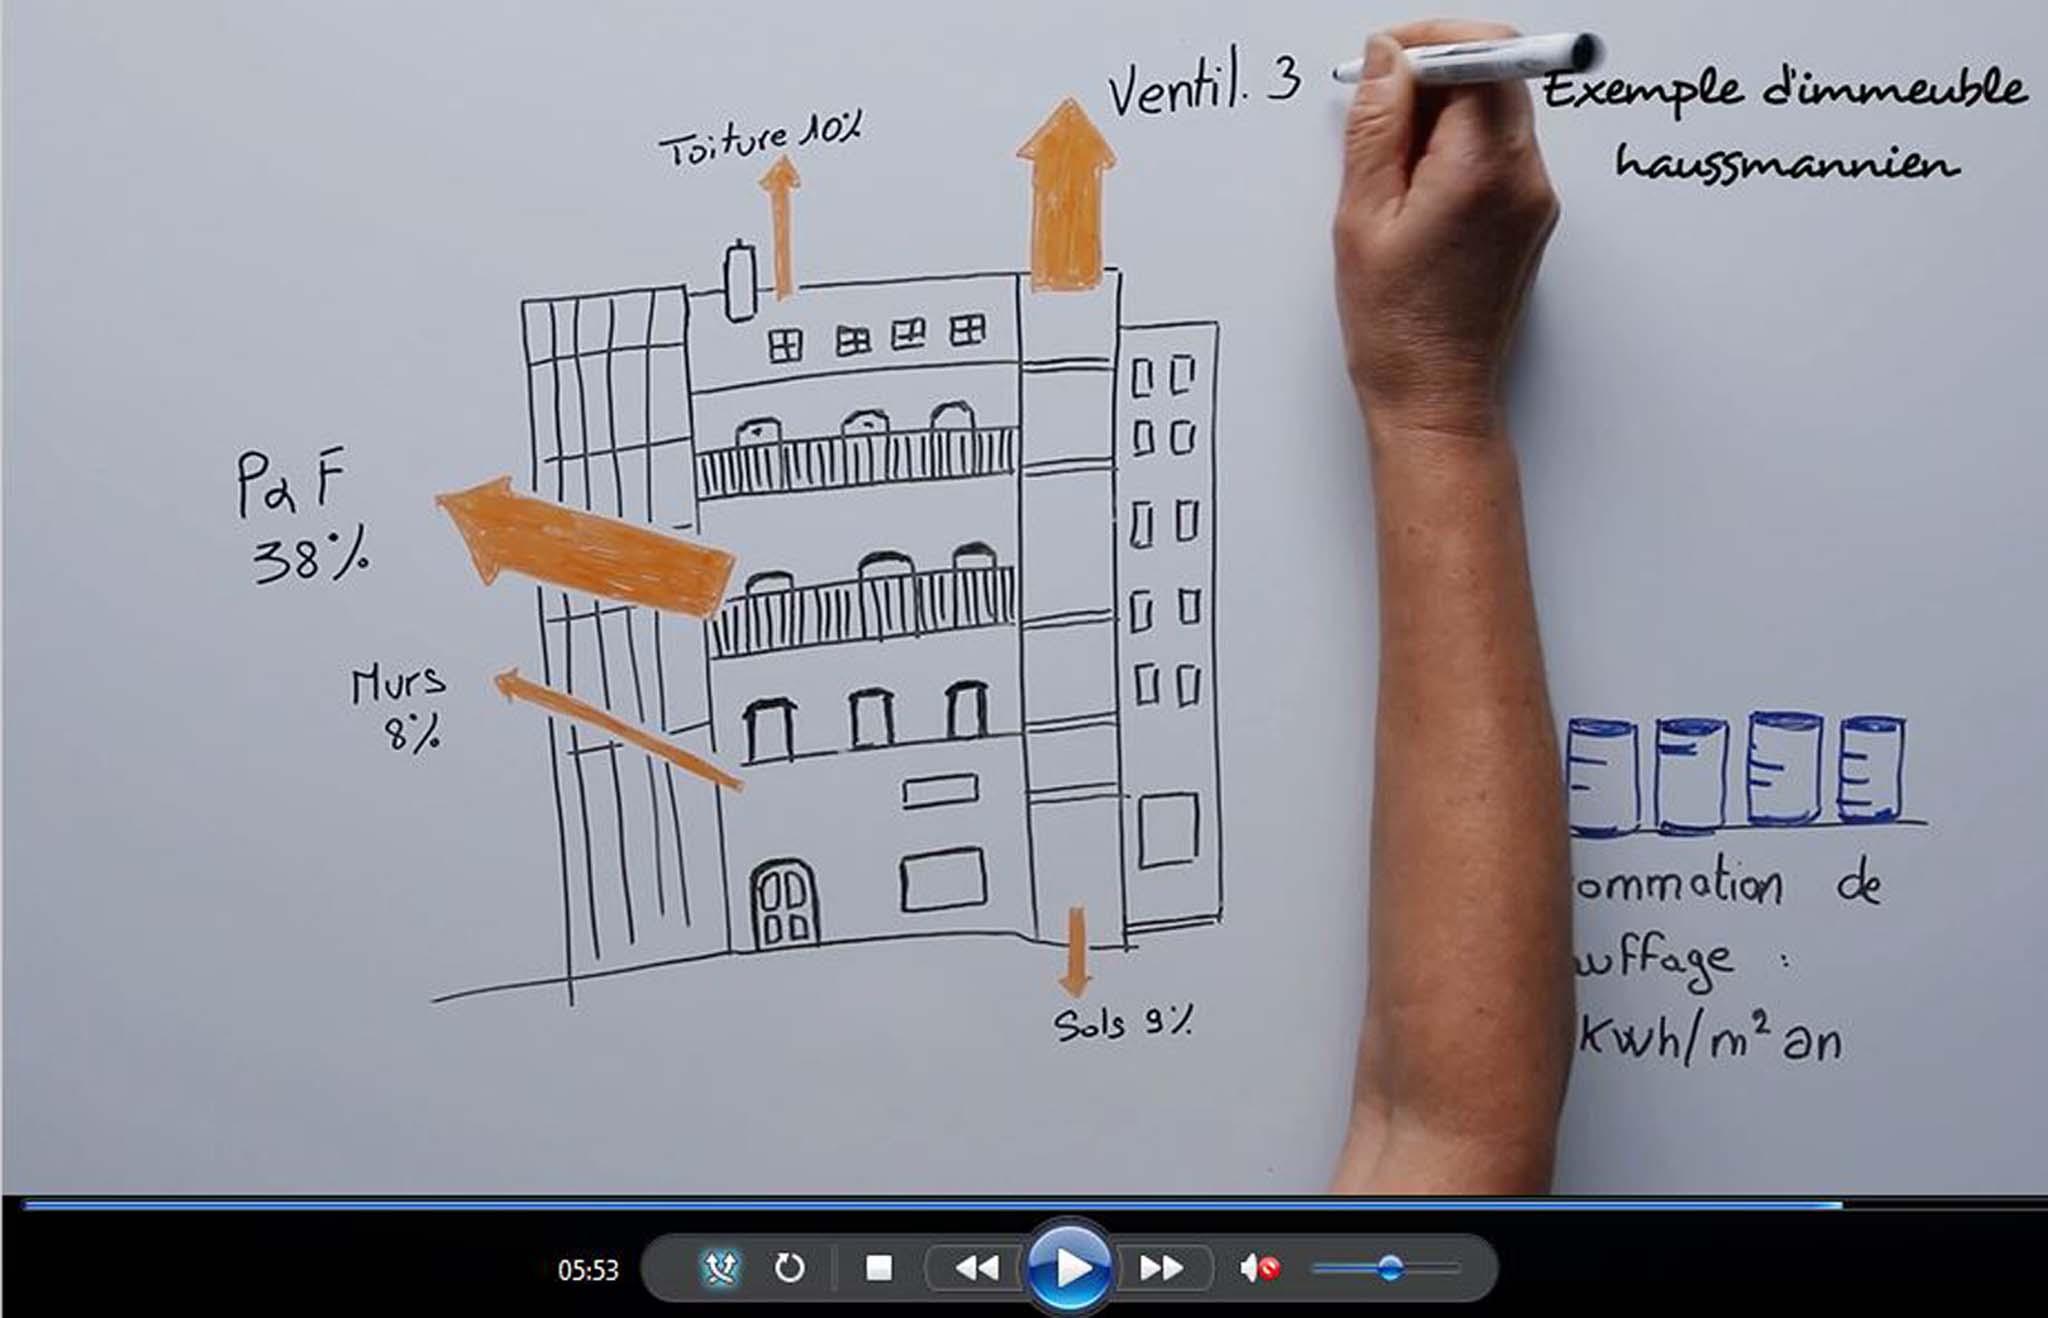 Les cours online et gratuits se d veloppent jusque dans l for Cours d architecture en ligne